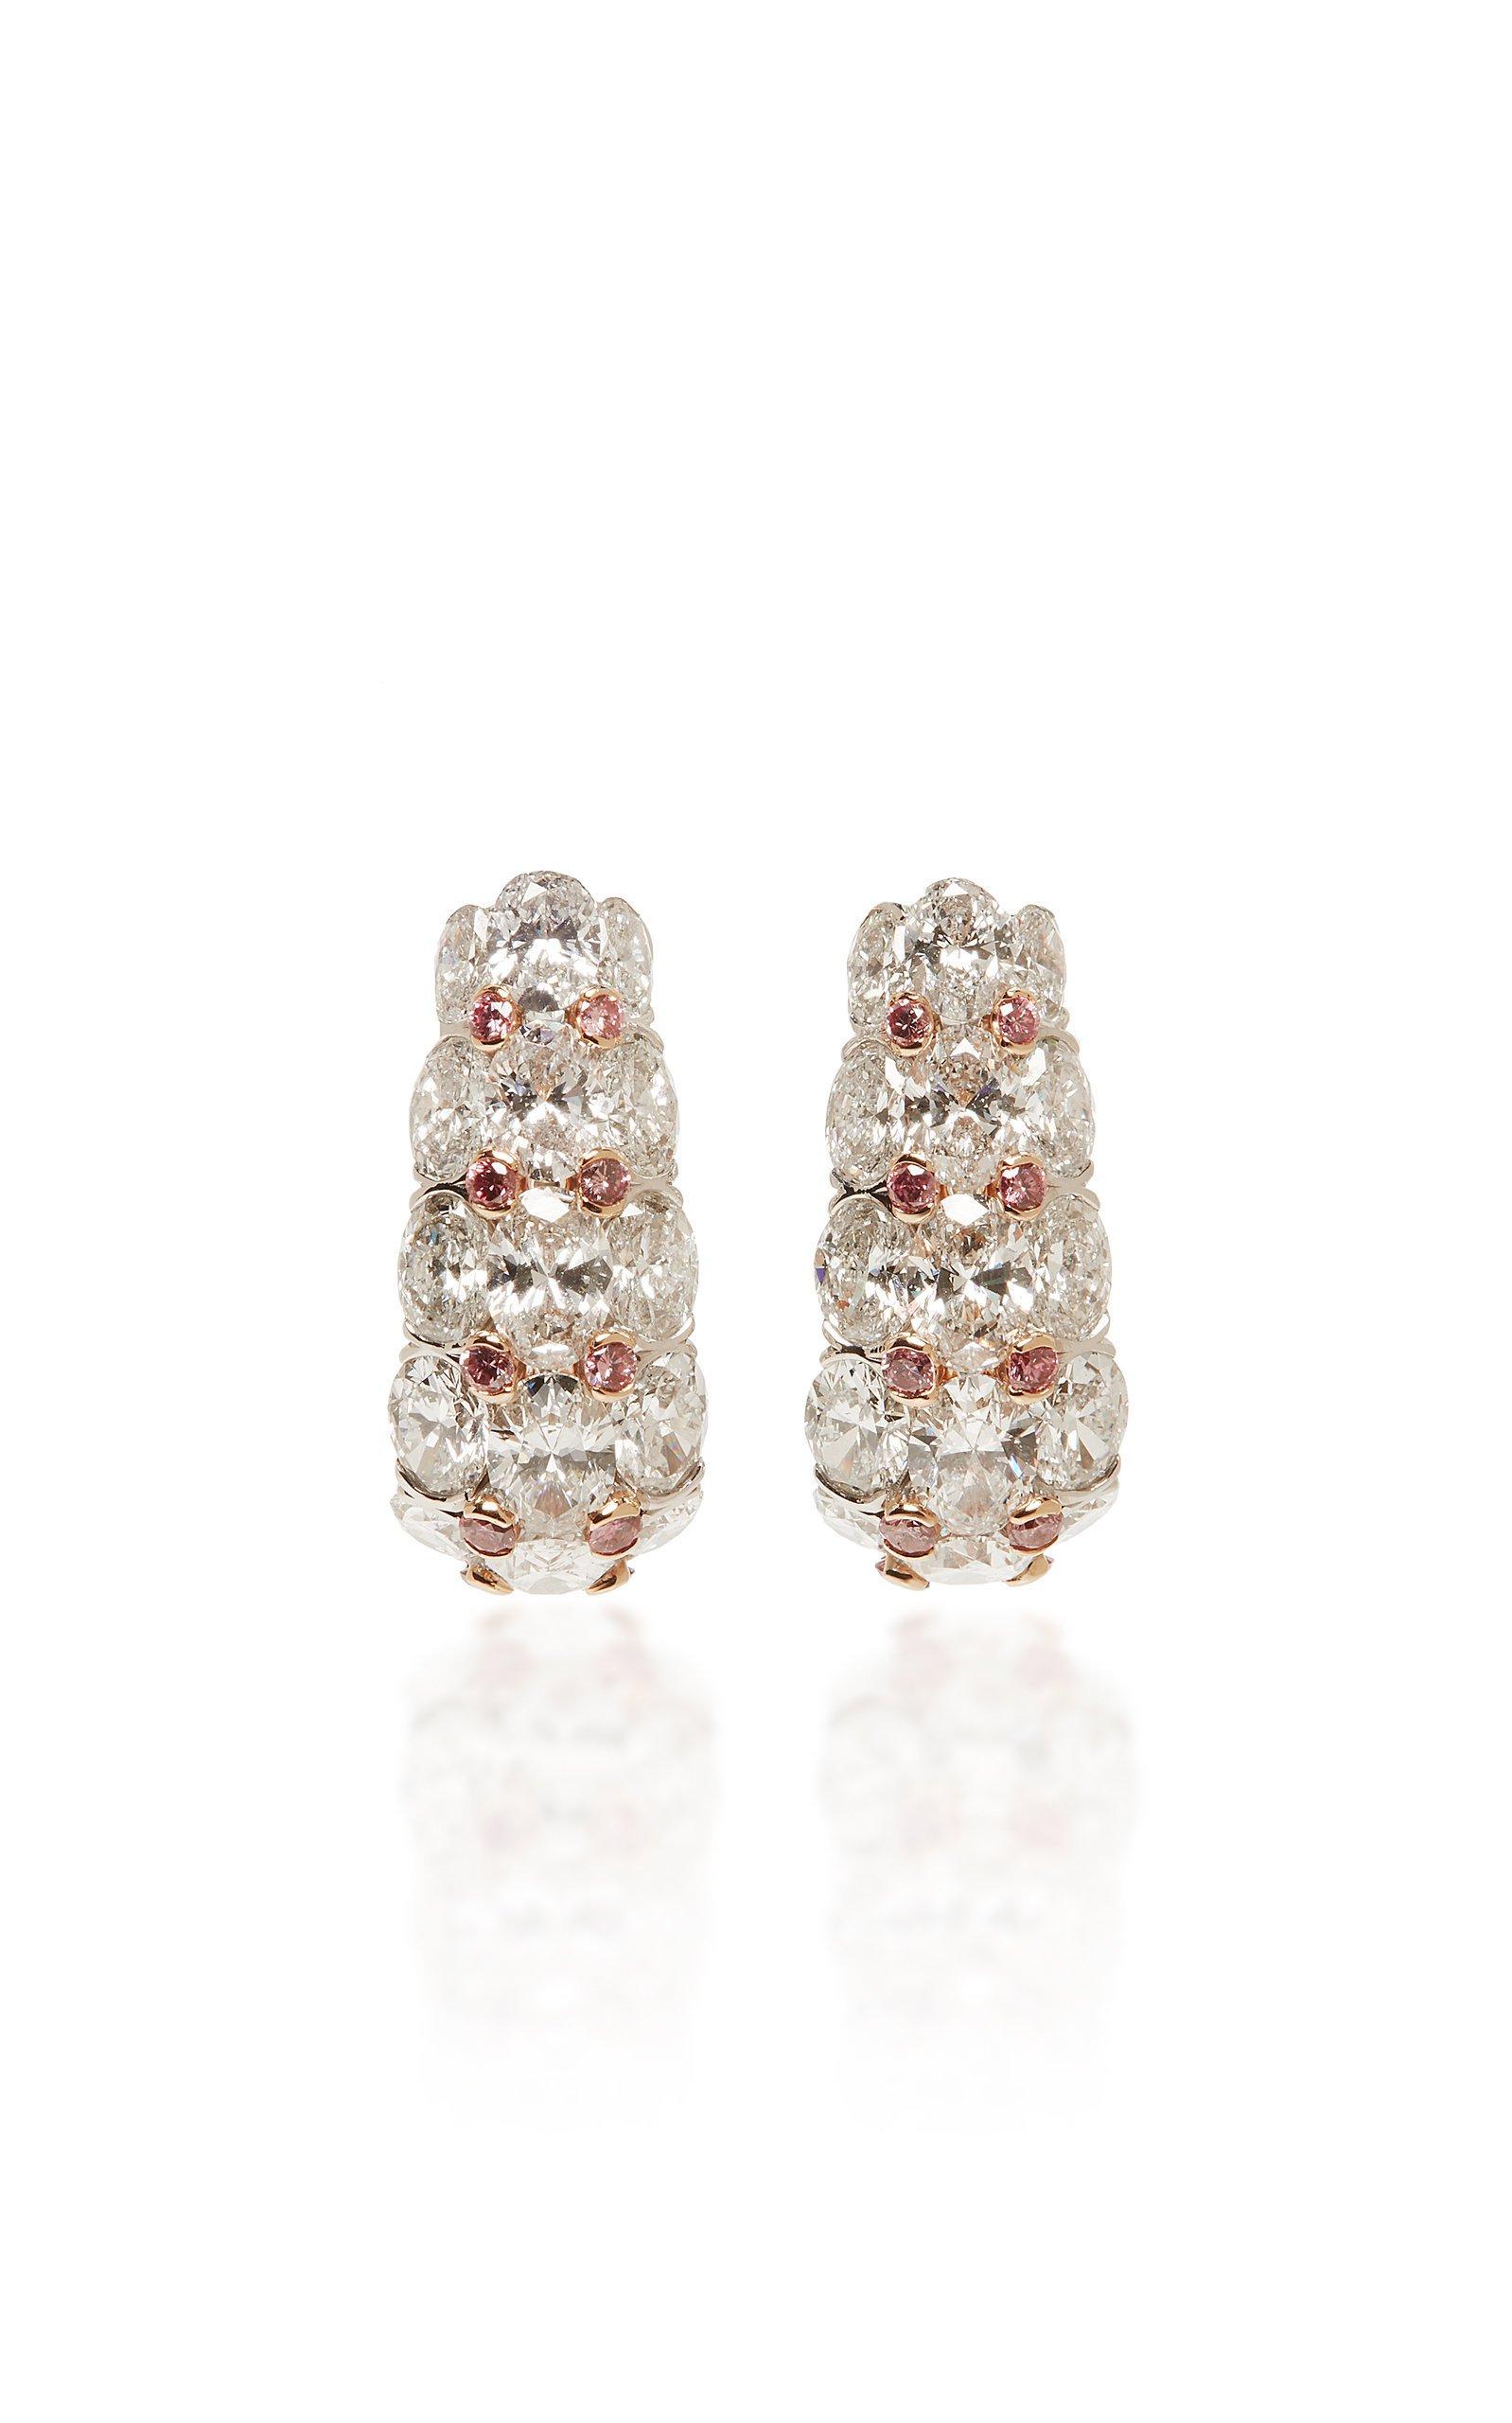 David Morris Pirouette Earrings